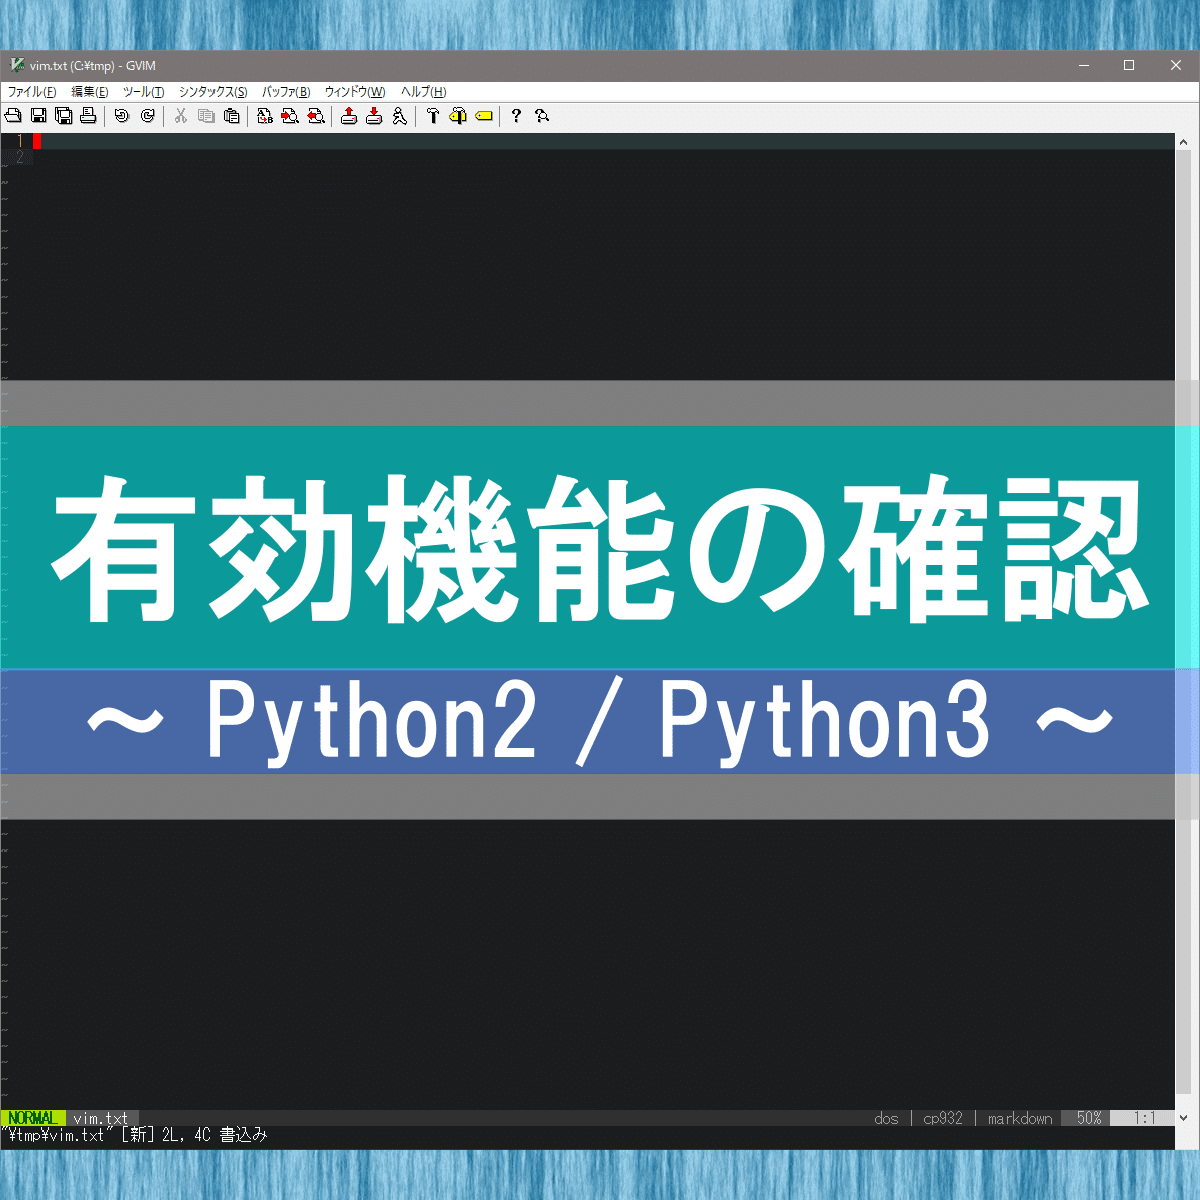 アイキャッチ:python が有効かを知る方法は?